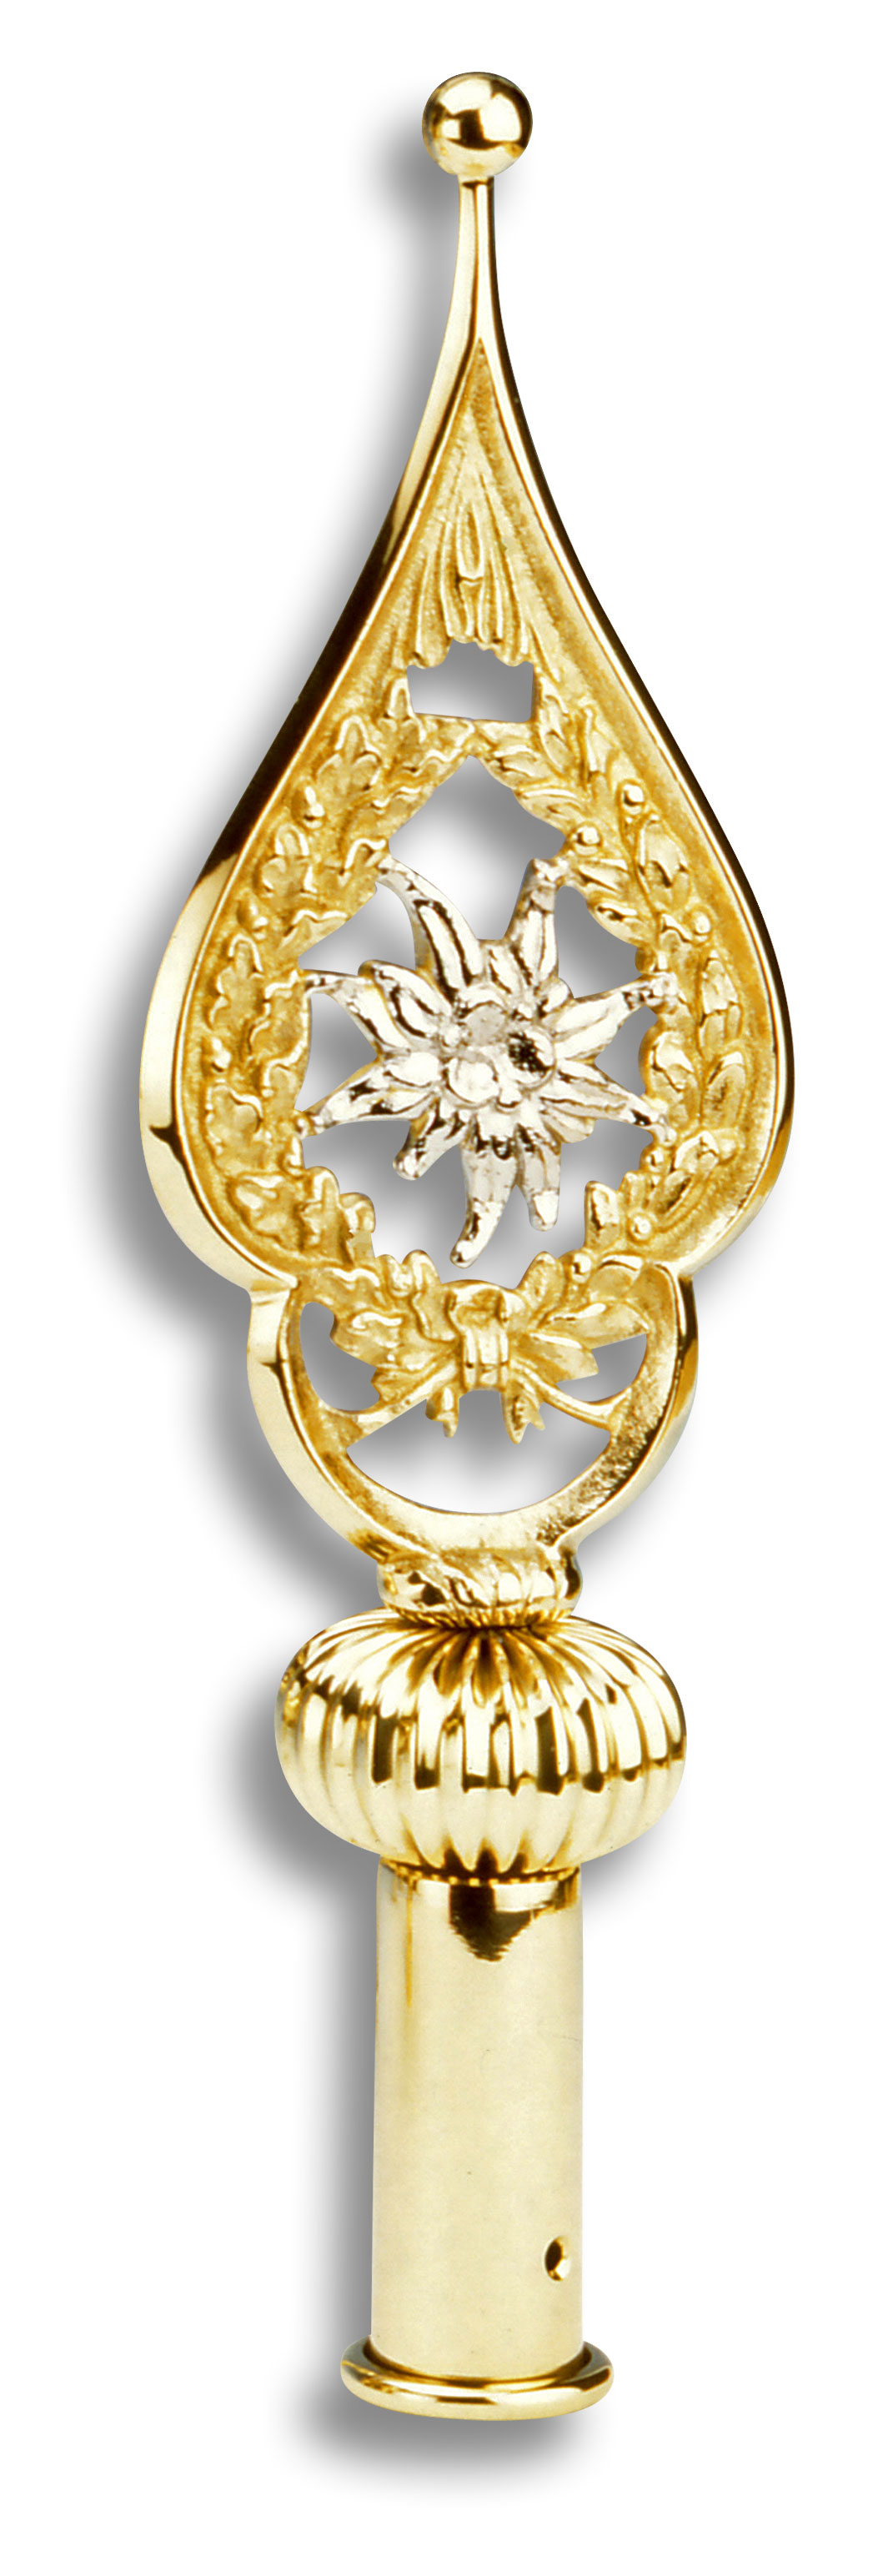 Mit silbernem Edleweiß in der Mitte, umgeben von goldener Verzierung